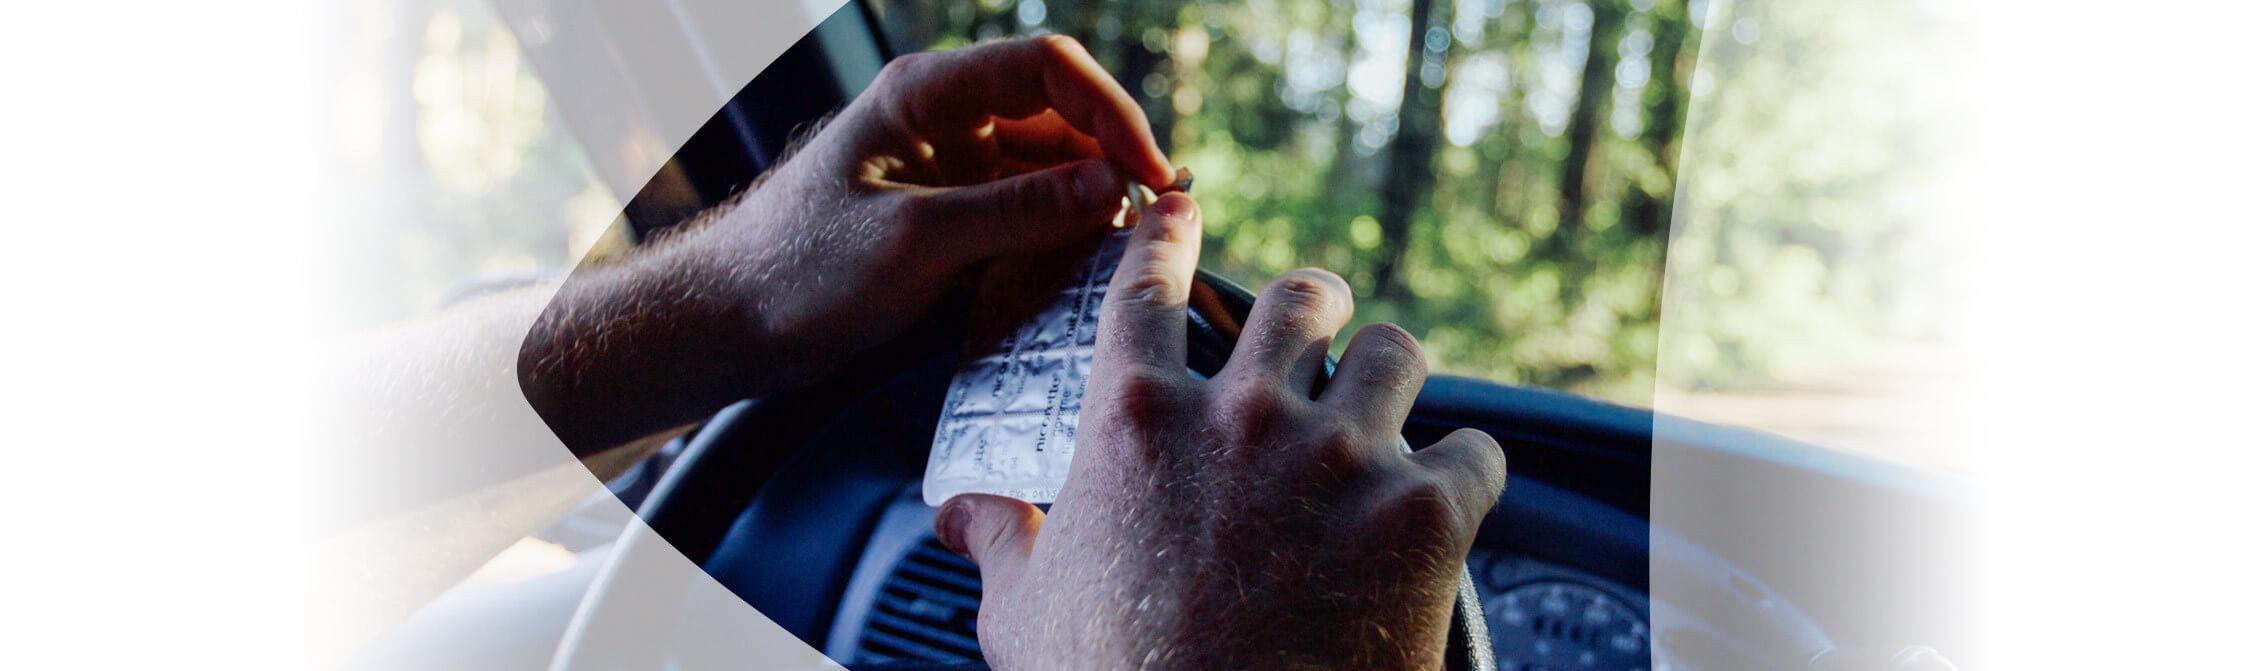 Mann greift nach Nikotinkaugummi